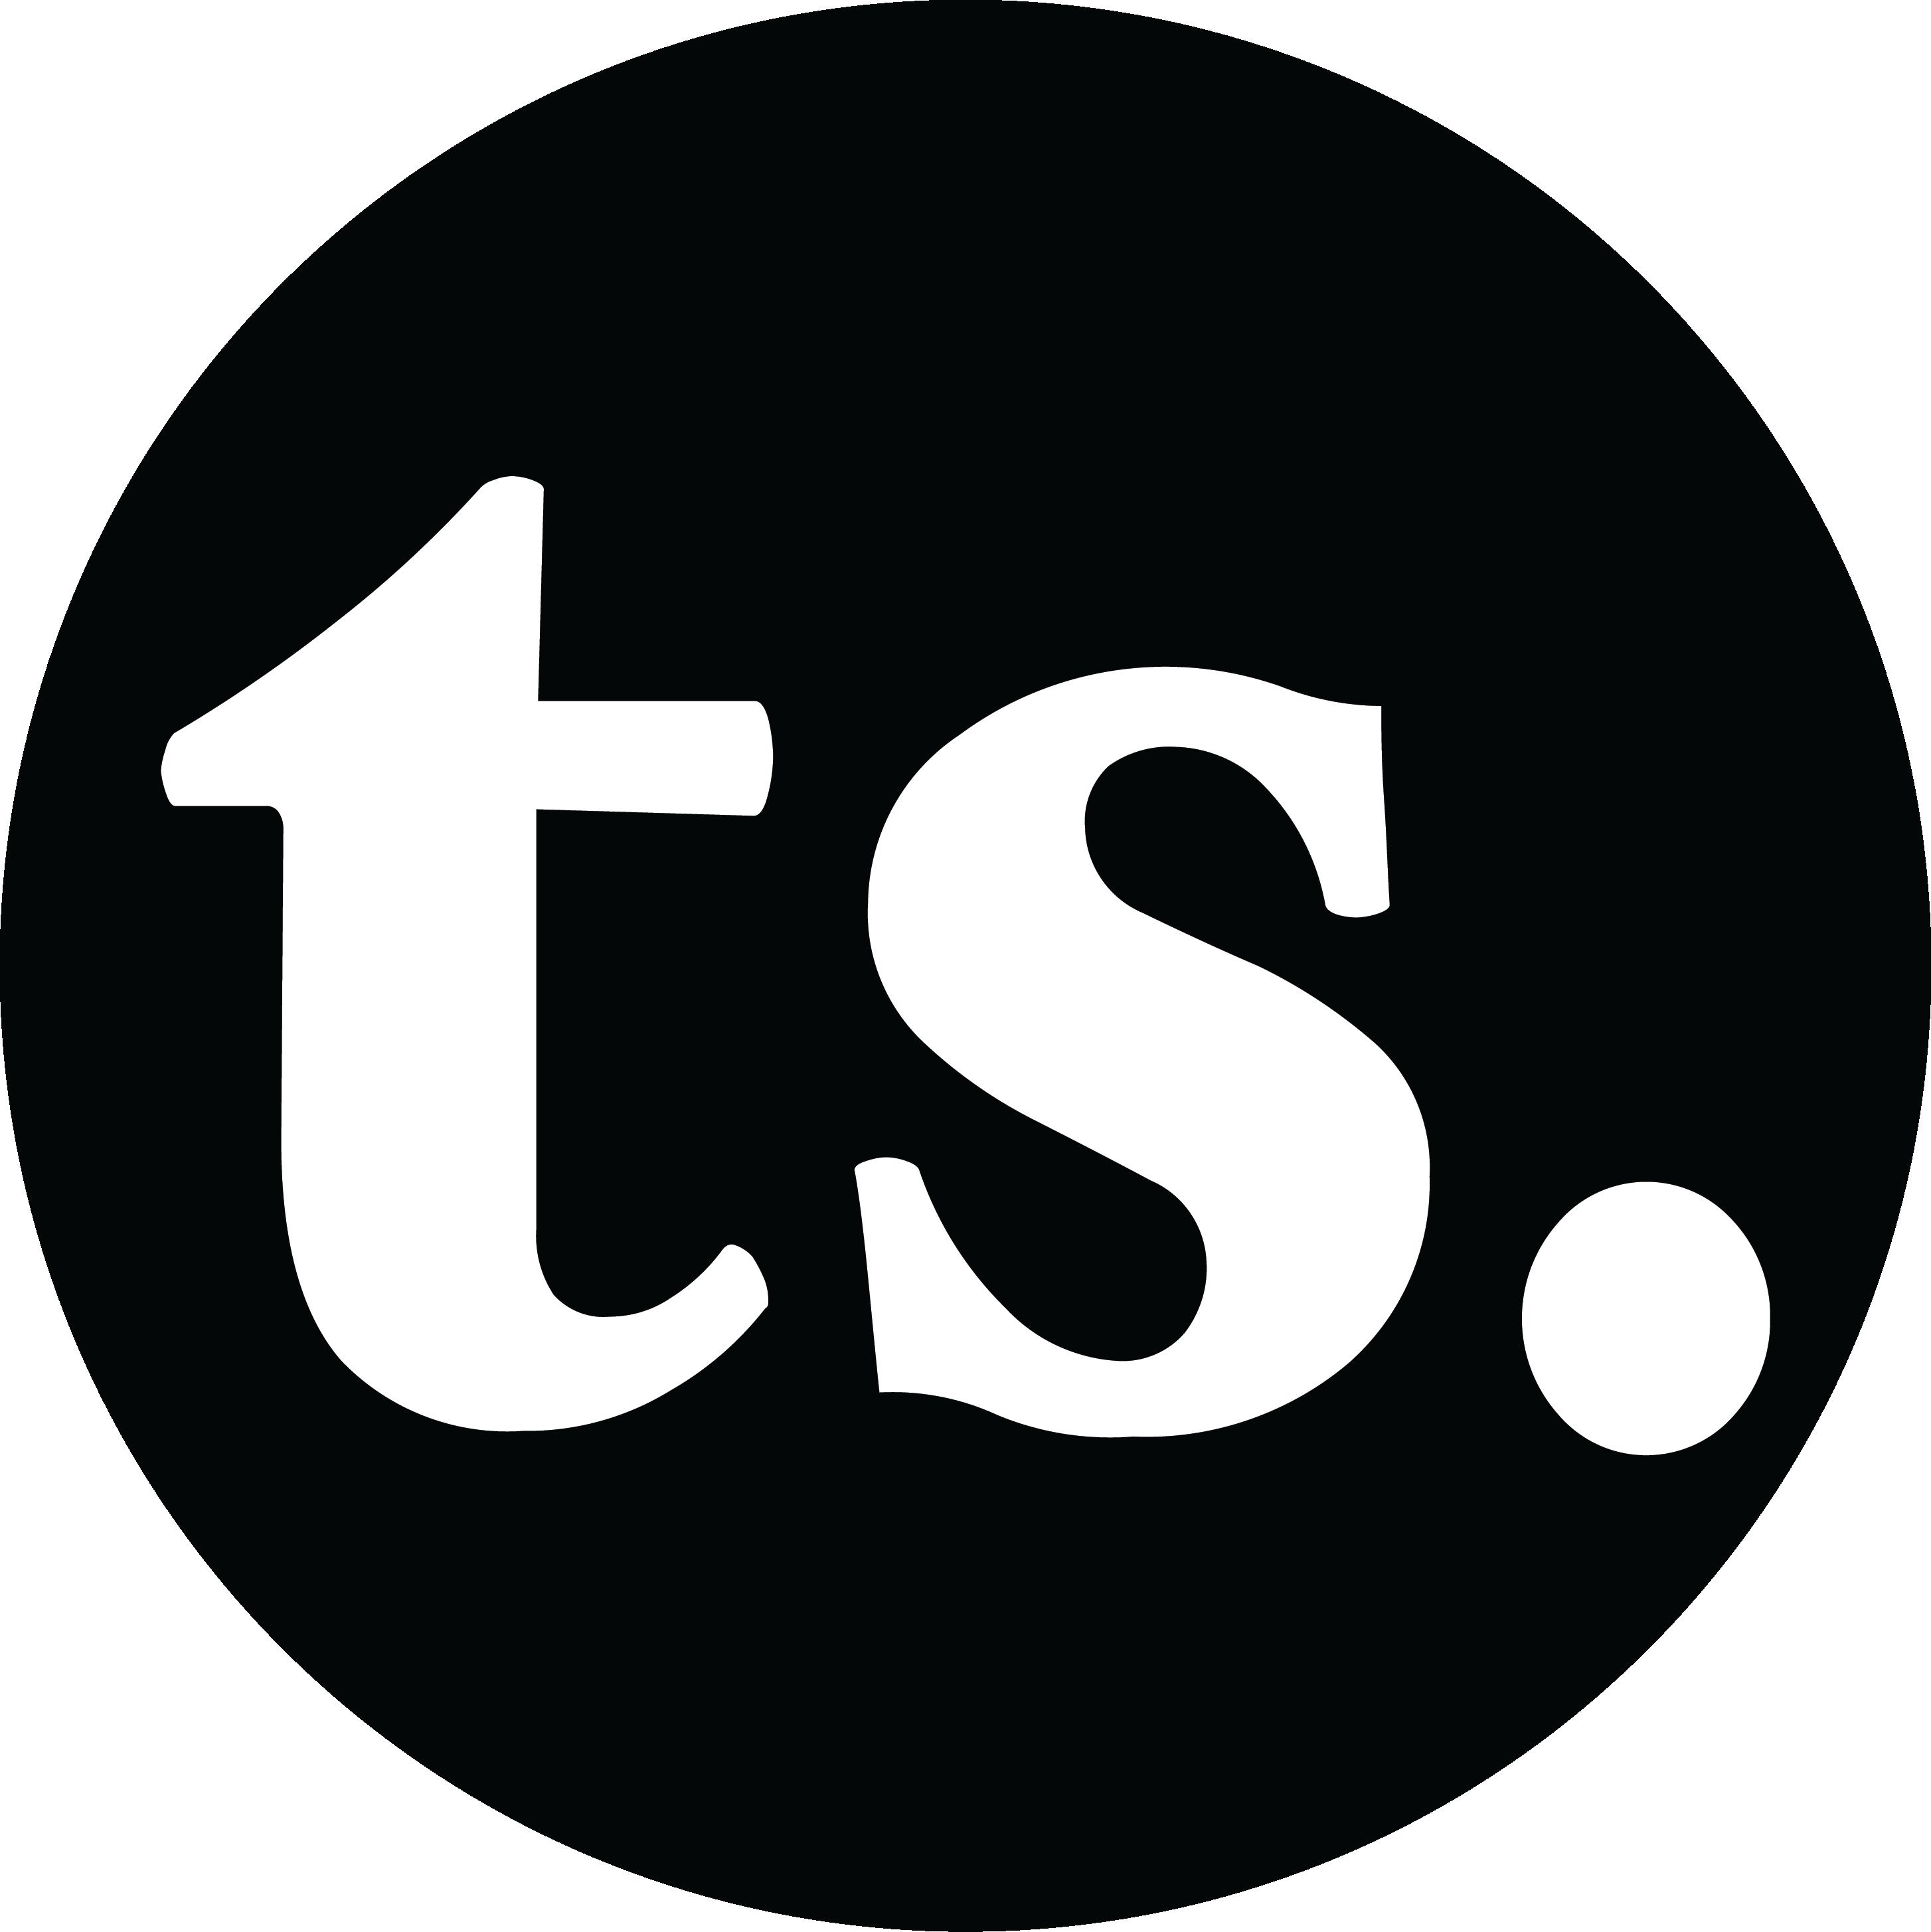 www.thinkspot.com